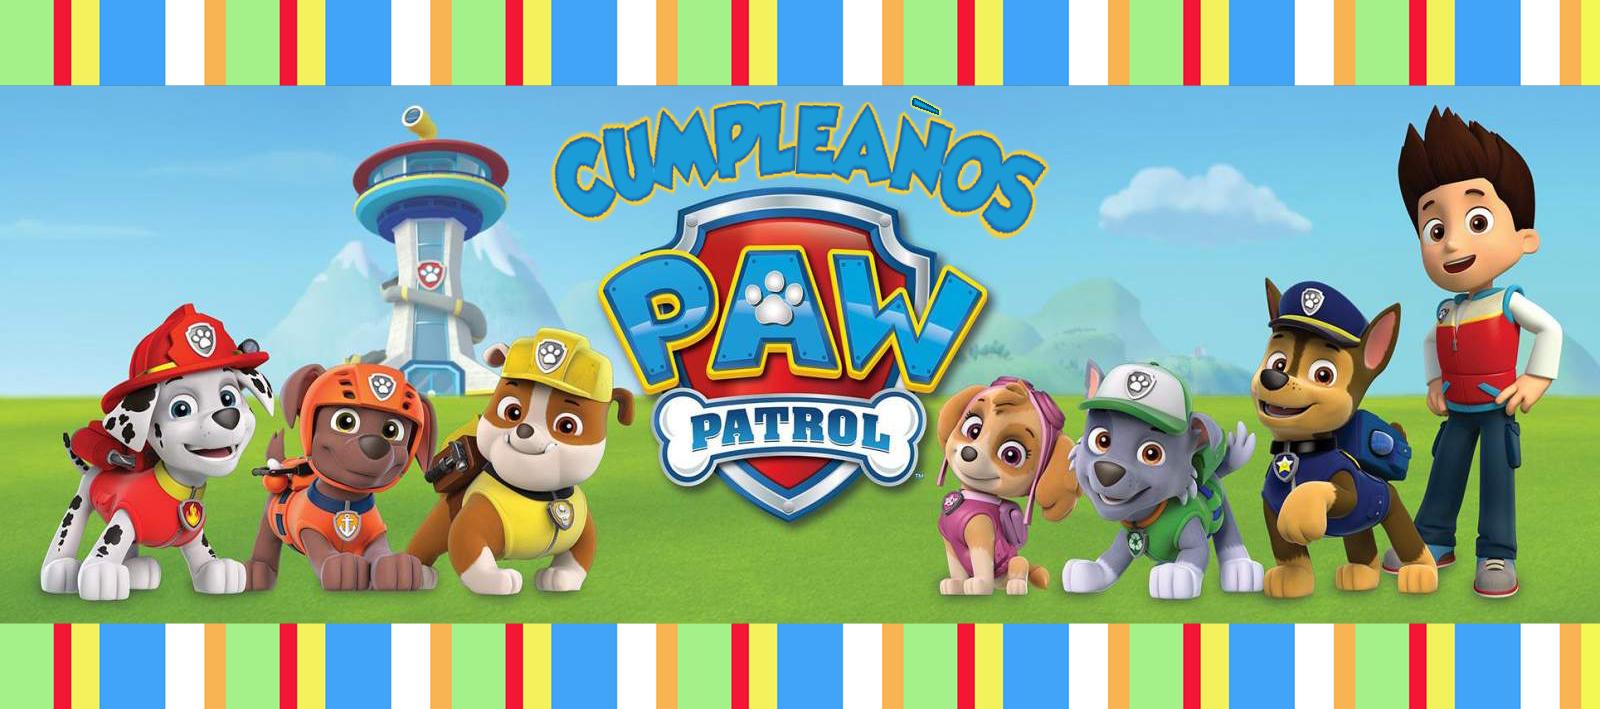 La patrulla canina fiestas tem ticas para ni os - Cumpleanos patrulla canina ...